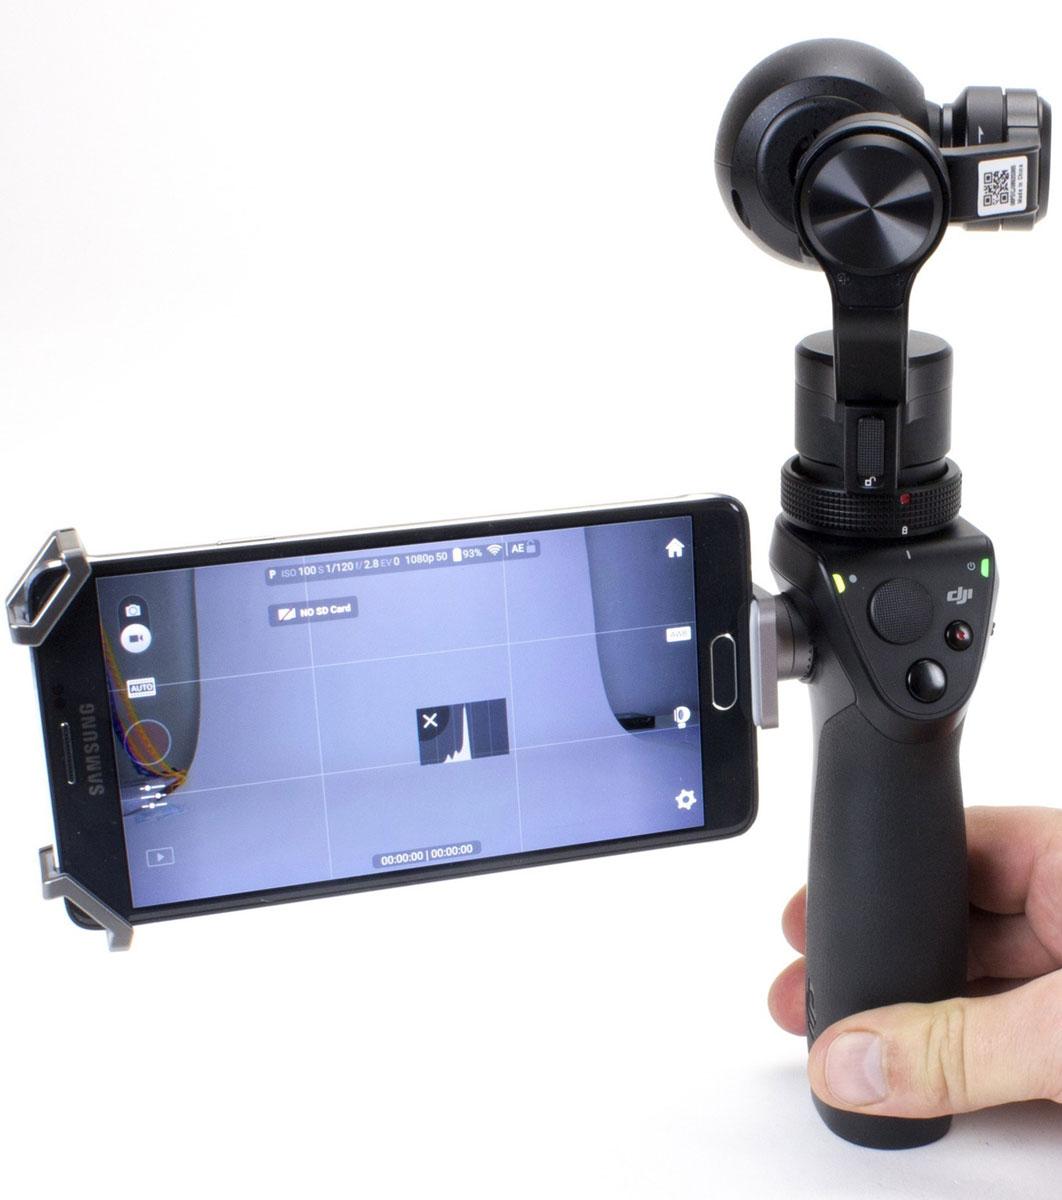 DJI OSMO X3 ручной подвес на 3 осиOSMO X3Представьте: движение без размытия, четкие динамичные кадры, идеальное плавное видео даже на бегу. Все это возможно благодаря новым технологиям, разработанным специально для стабилизации камеры в любых условиях. Открывайте новые возможности съемки вместе с ручным стабилизатором DJI Osmo. Это не просто камера. Это – свобода творчества. Специально разработанный девятикомпонентный объектив подарит вам чистые и четкие изображения. Этот прямолинейный широкоугольный объектив придает драматичности снимку без геометрических искажений, характерных для камер данного размера. Разработчики DJI Osmo вложили много труда в создание этой мощной, но компактной камеры для того, чтобы вы могли снимать видео в 4K с частотой 30 кадров в секунду и четкие качественные 12-мегапиксельные фотографии. Компания DJI всегда специализировалась на создании систем стабилизации для воздушных камер. Труды лучших экспертов по усовершенствованию данной технологии воплотились...